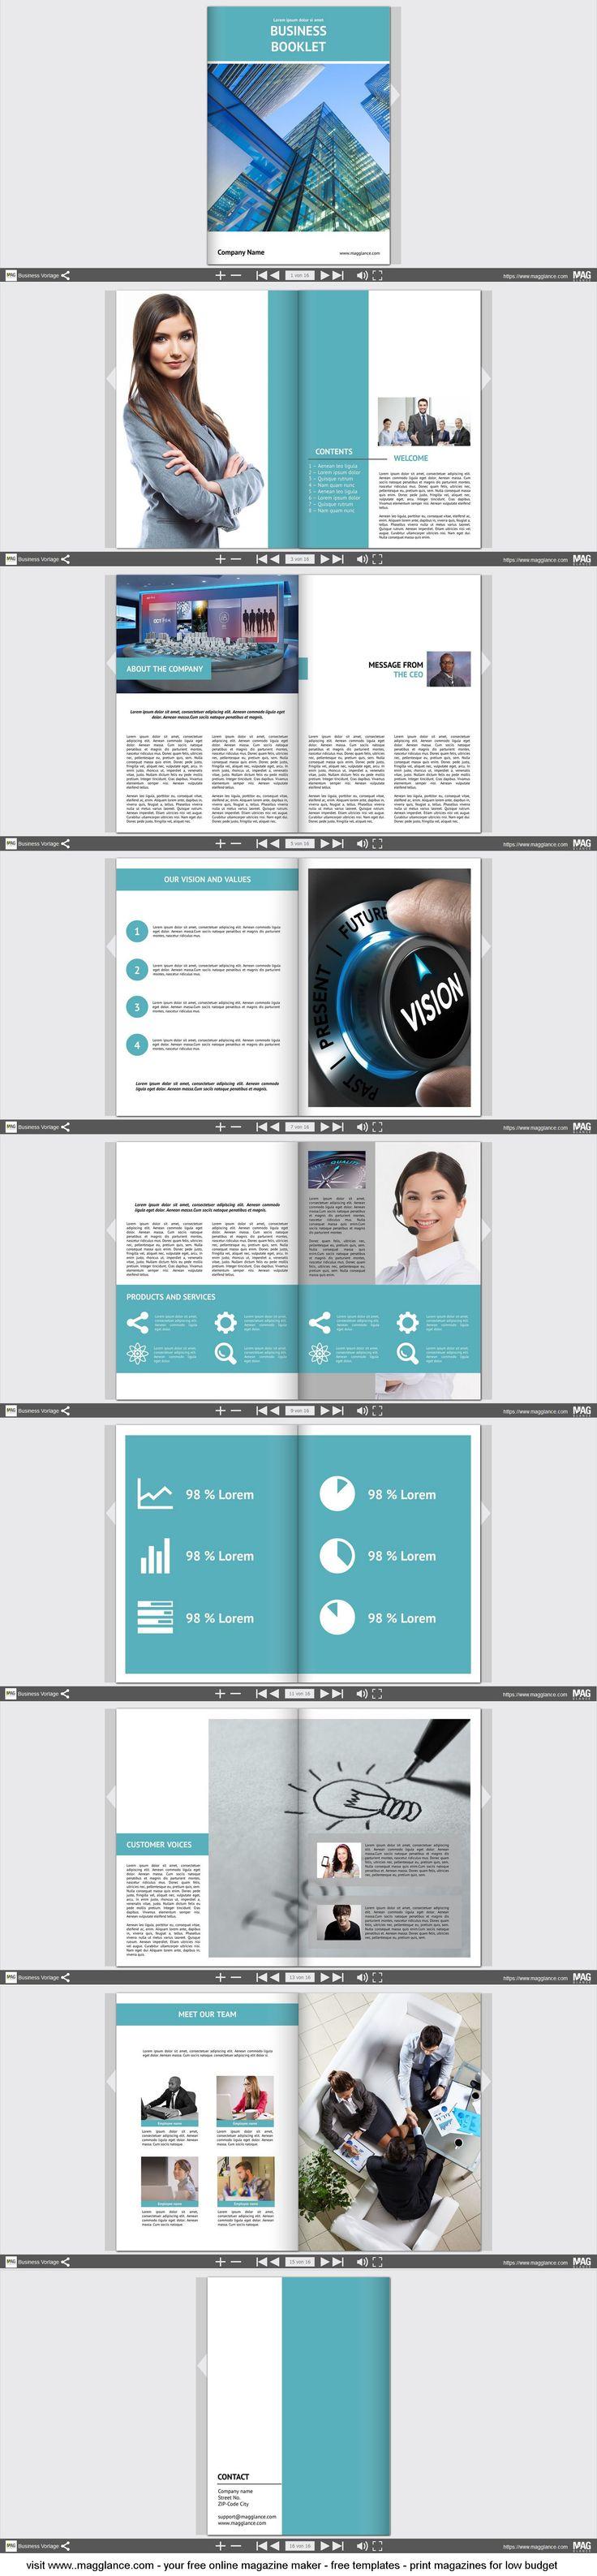 Business Broschüre kostenlos online erstellen und günstig drucken unter https://de.magglance.com/Magazine/43d79ae8457e2bb843ced73494c44027/white  #Broschüre #Vorlage #Design #Muster #Beispiel #Template #Firmenzeitung #Layout #Erstellen #Gestalten #Cover